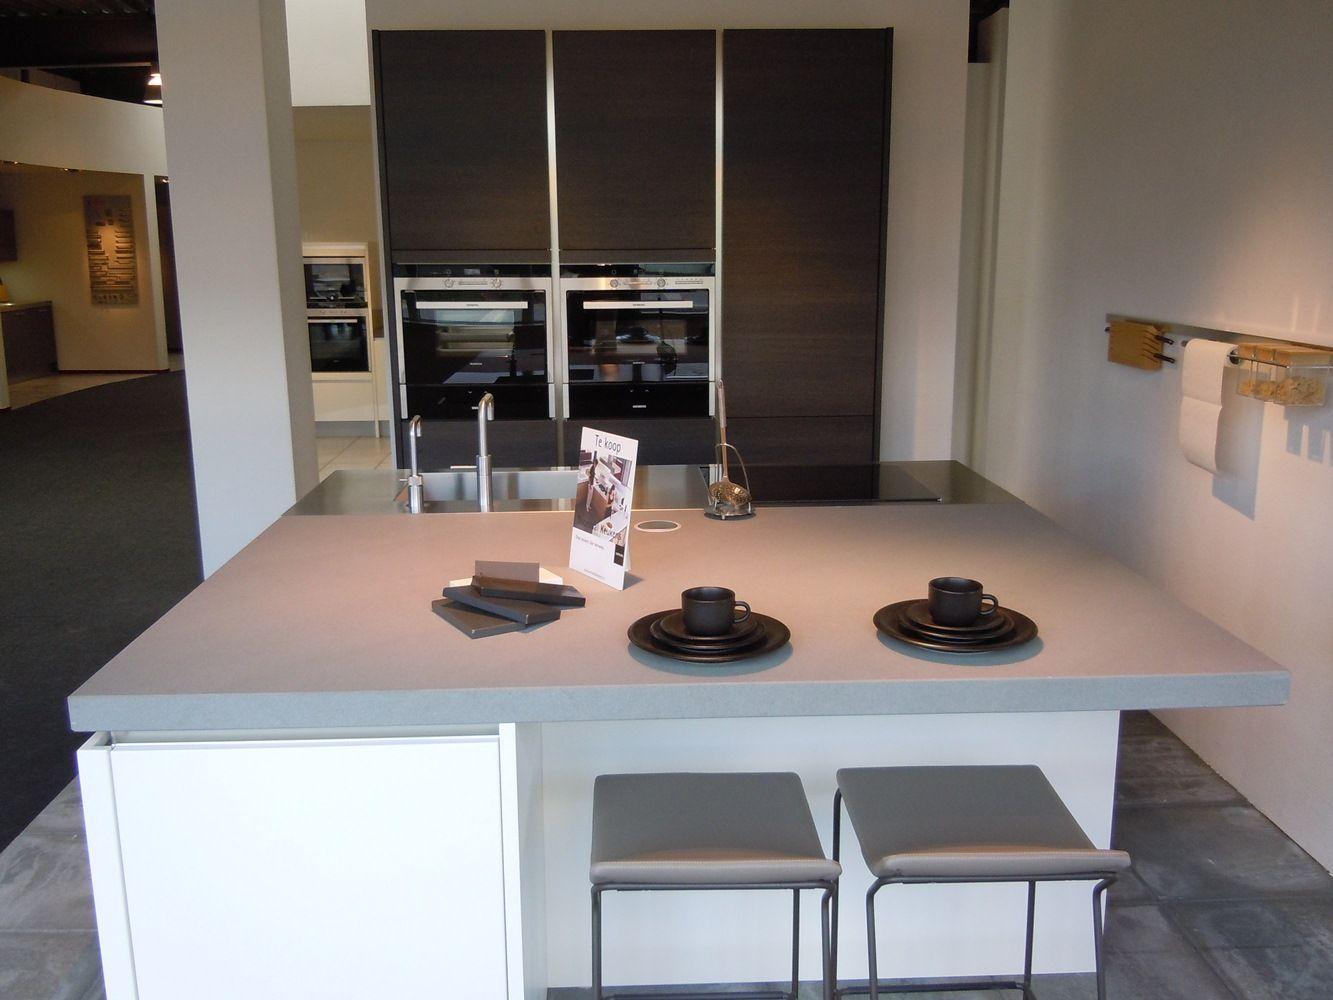 Keukeneiland Vierkant : Showroomuitverkoop nl Exclusive keuken vierkant eiland